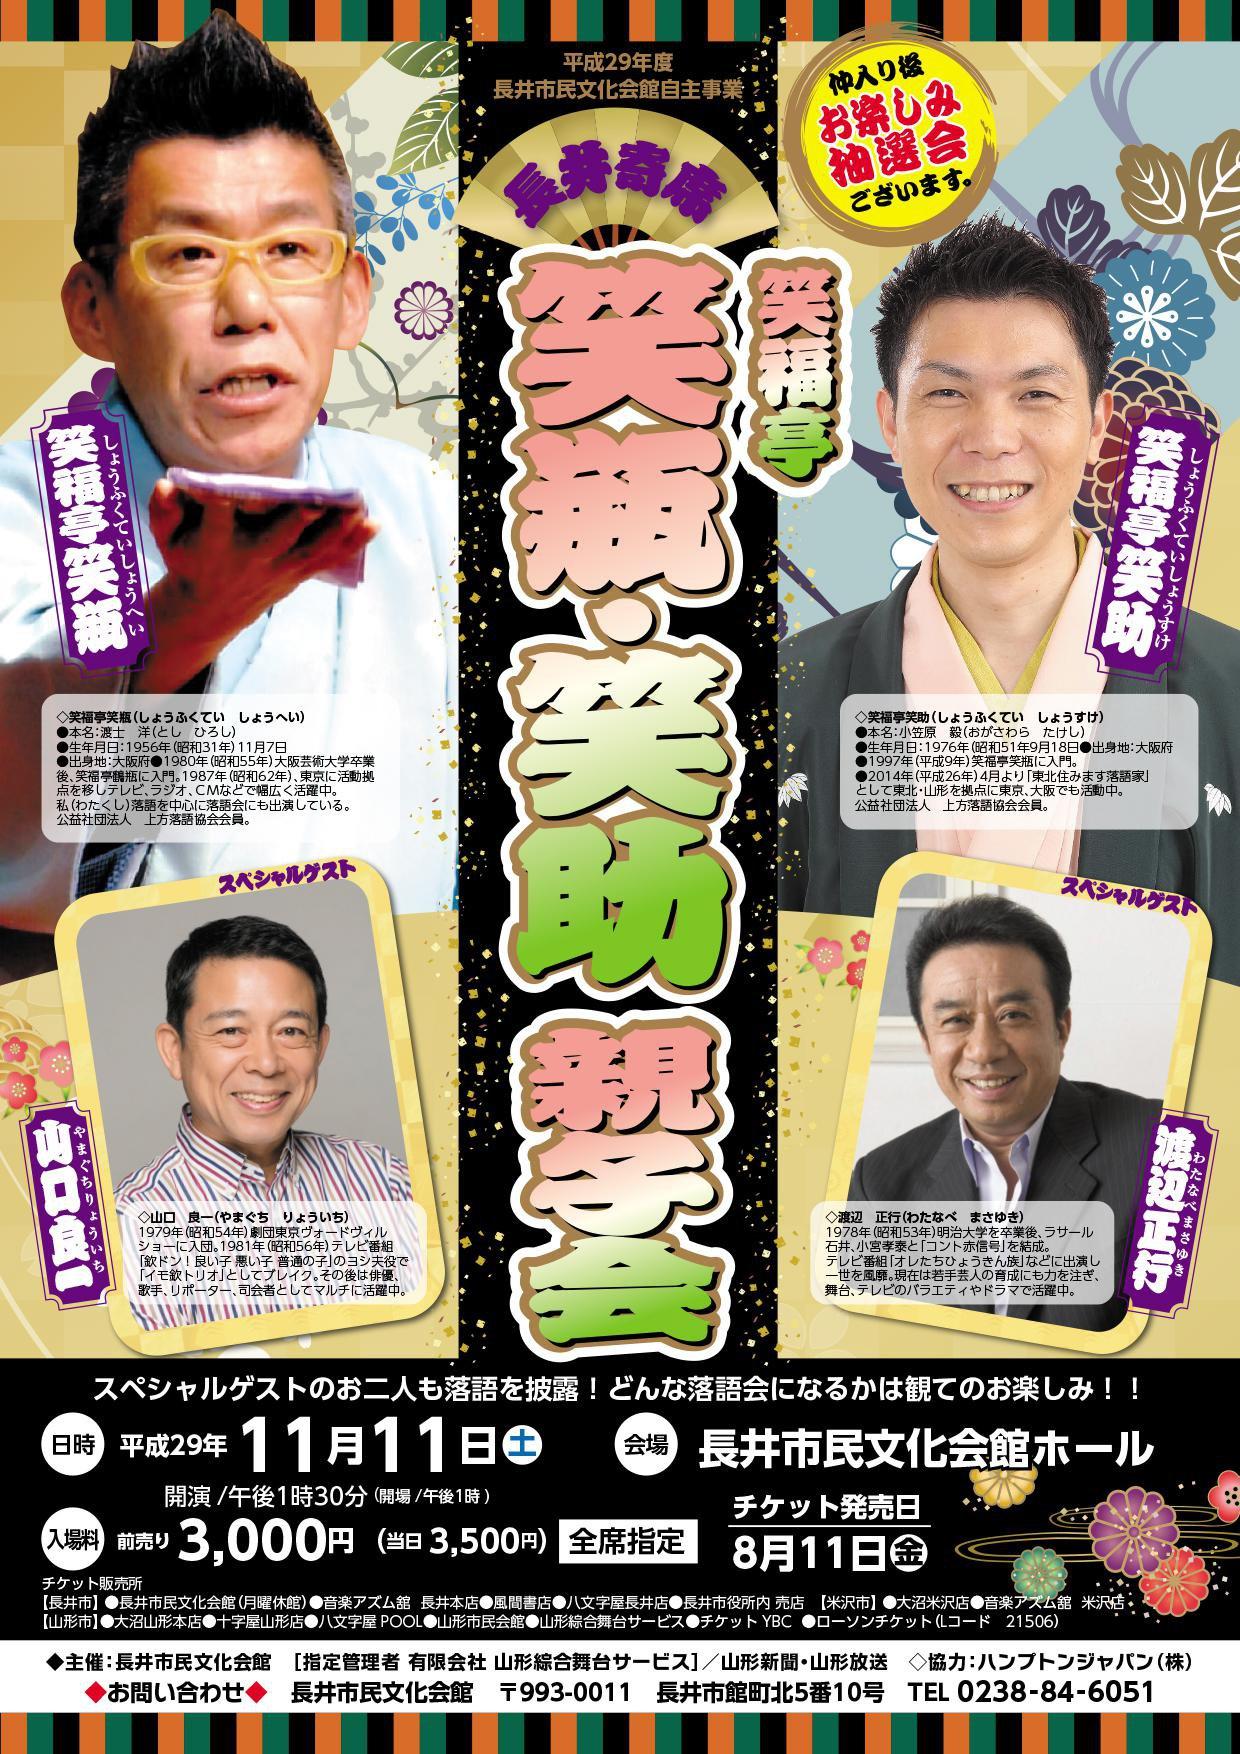 平成29年度 長井市民文化会館自主事業 長井寄席 「笑福亭笑瓶・笑助親子会」:画像